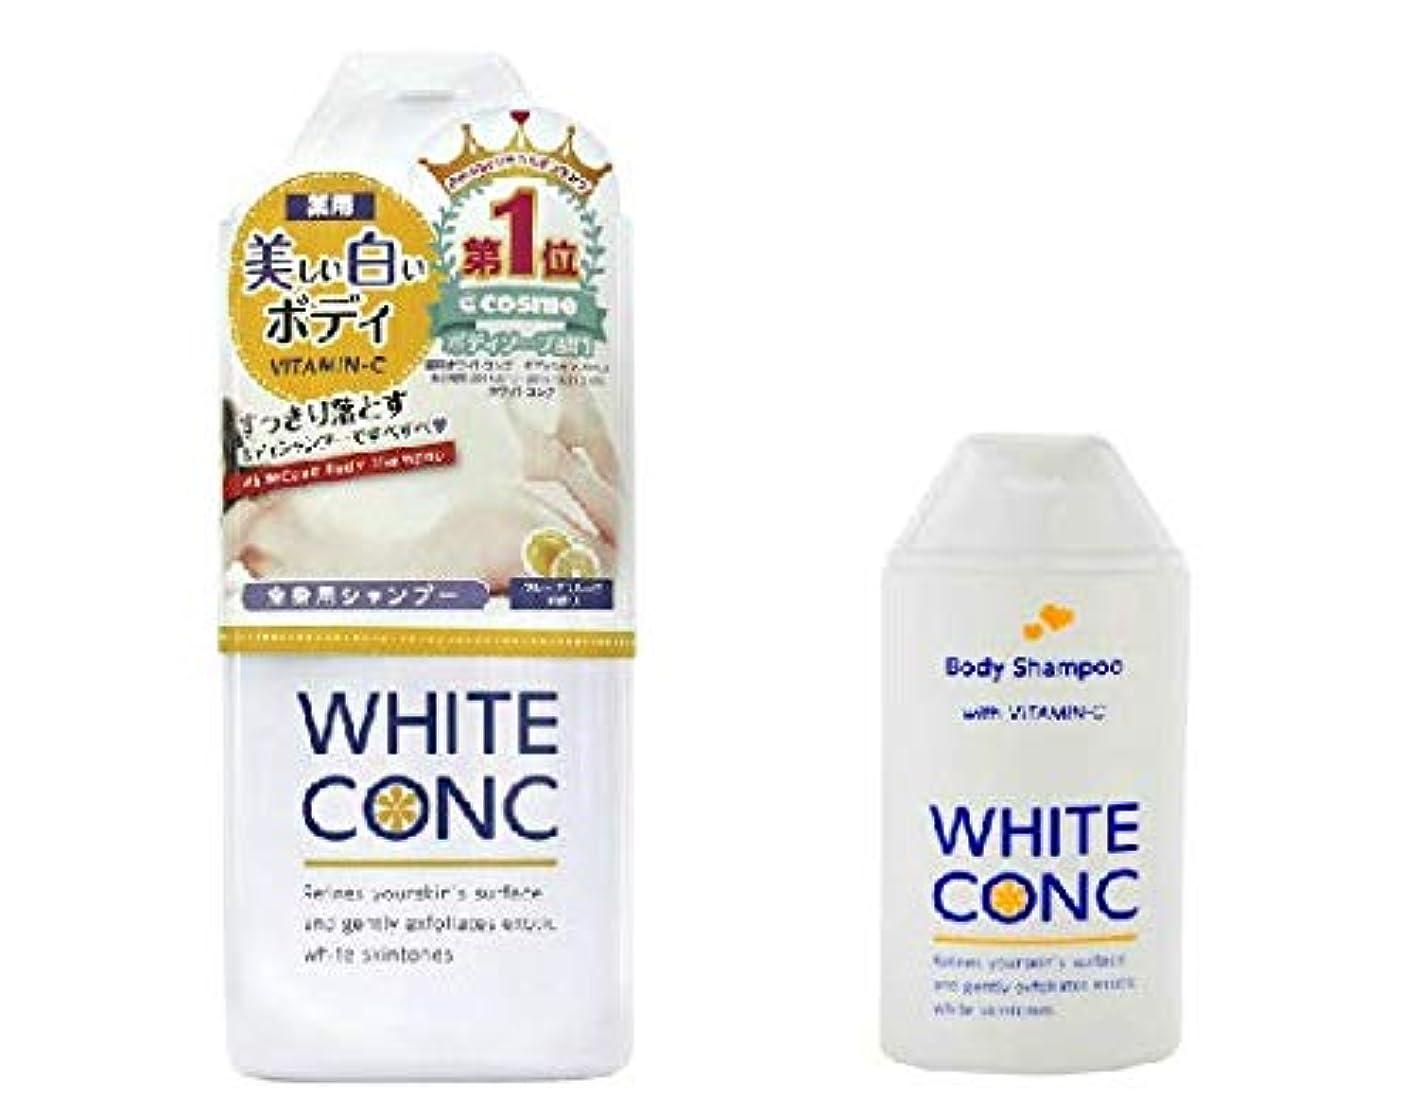 虫を数える確認塊【WHITE CONC(ホワイトコンク)】 ボディシャンプーC Ⅱ_360mL1本&150mL1本